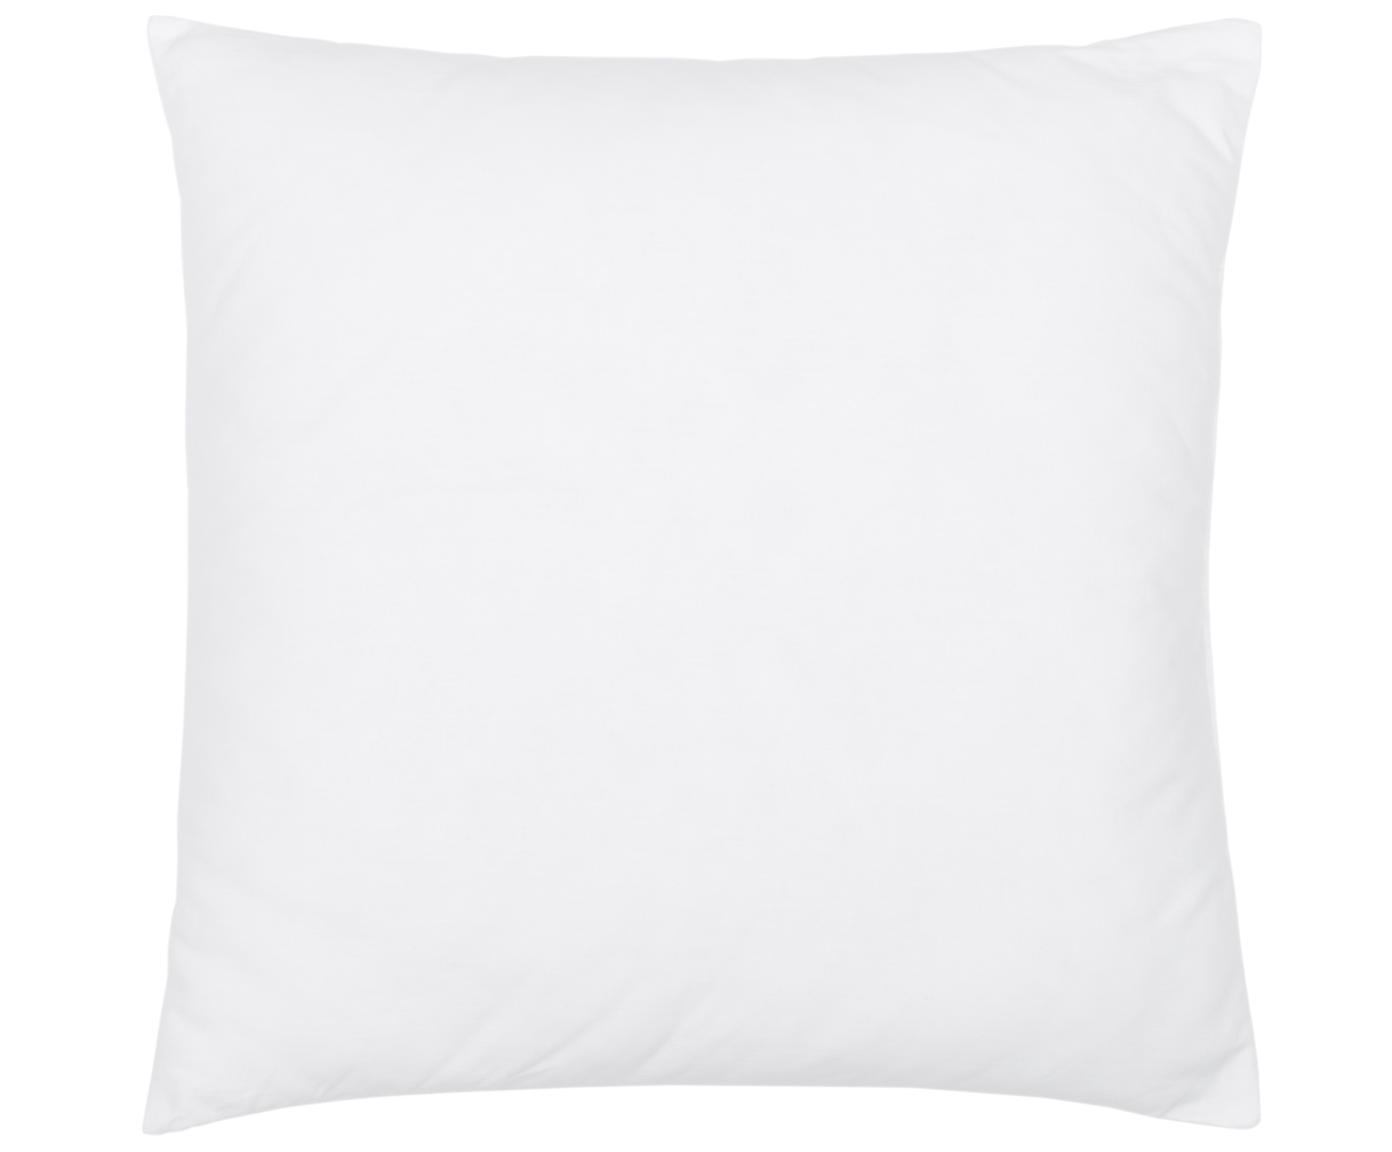 Imbottitura per cuscini in microfibra Sia, 60 x 60 cm, Custodia: 100% cotone, Bianco, Larg. 60 x Lung. 60 cm